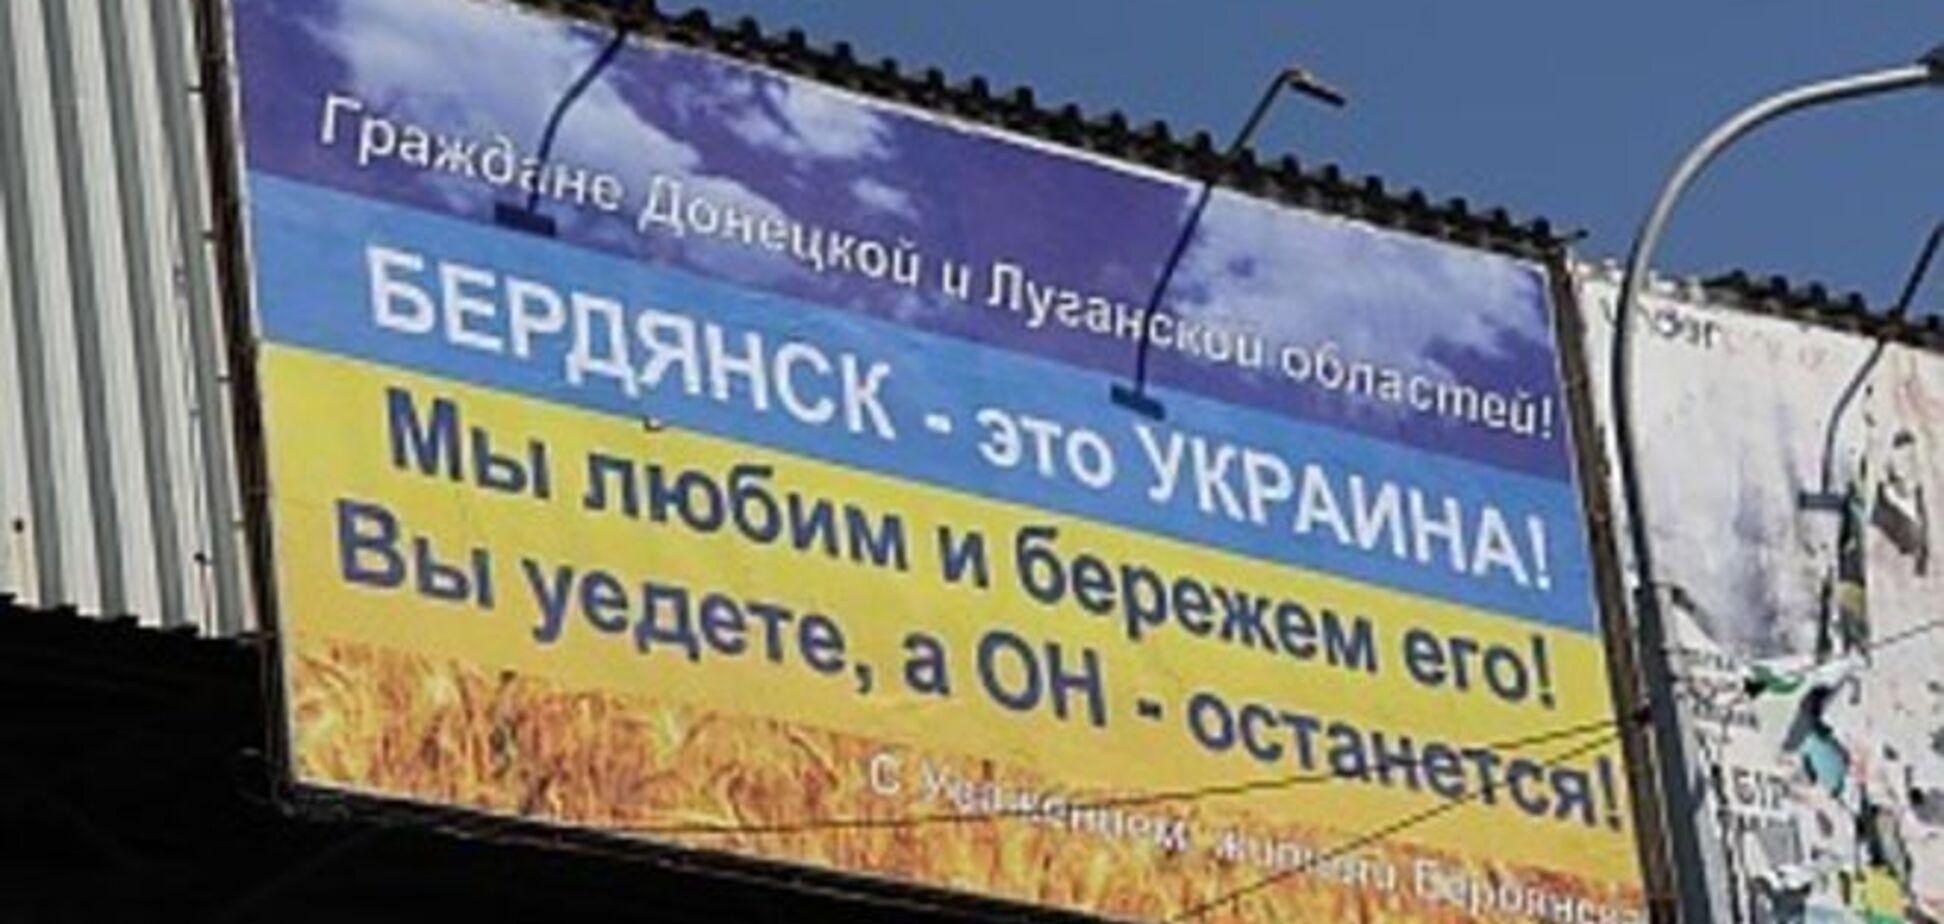 Следующей целью оккупантов станет Бердянск - боец АТО